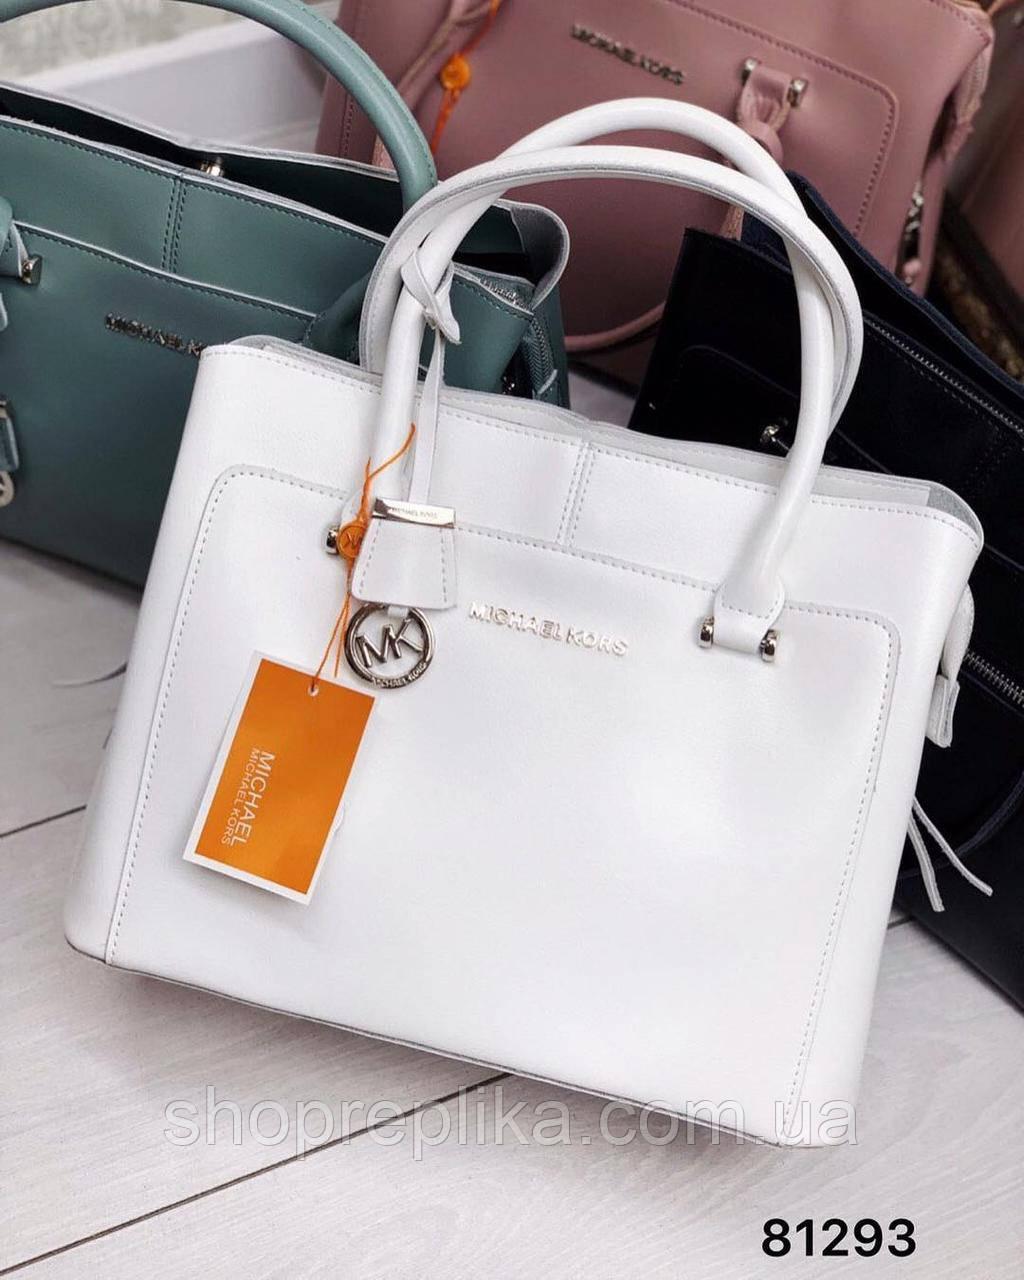 Жіноча шкіряна сумка біла ТОП продажів Жіночі сумки шкіряні білі df265f